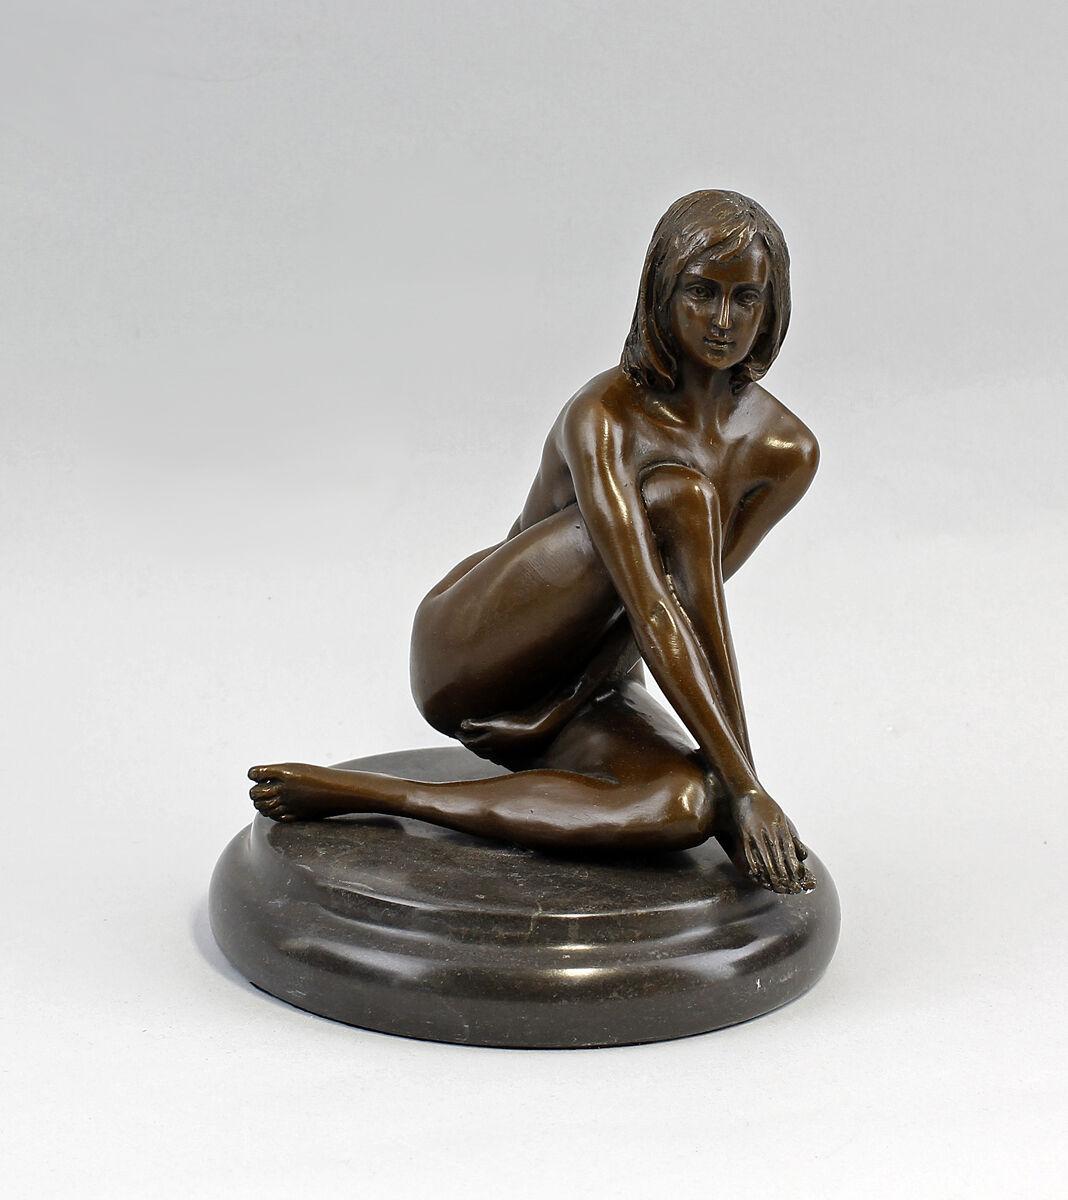 9937747 Bronze Skulptur weiblicher Akt sitzend sign.Claude Erotik 18x14cm